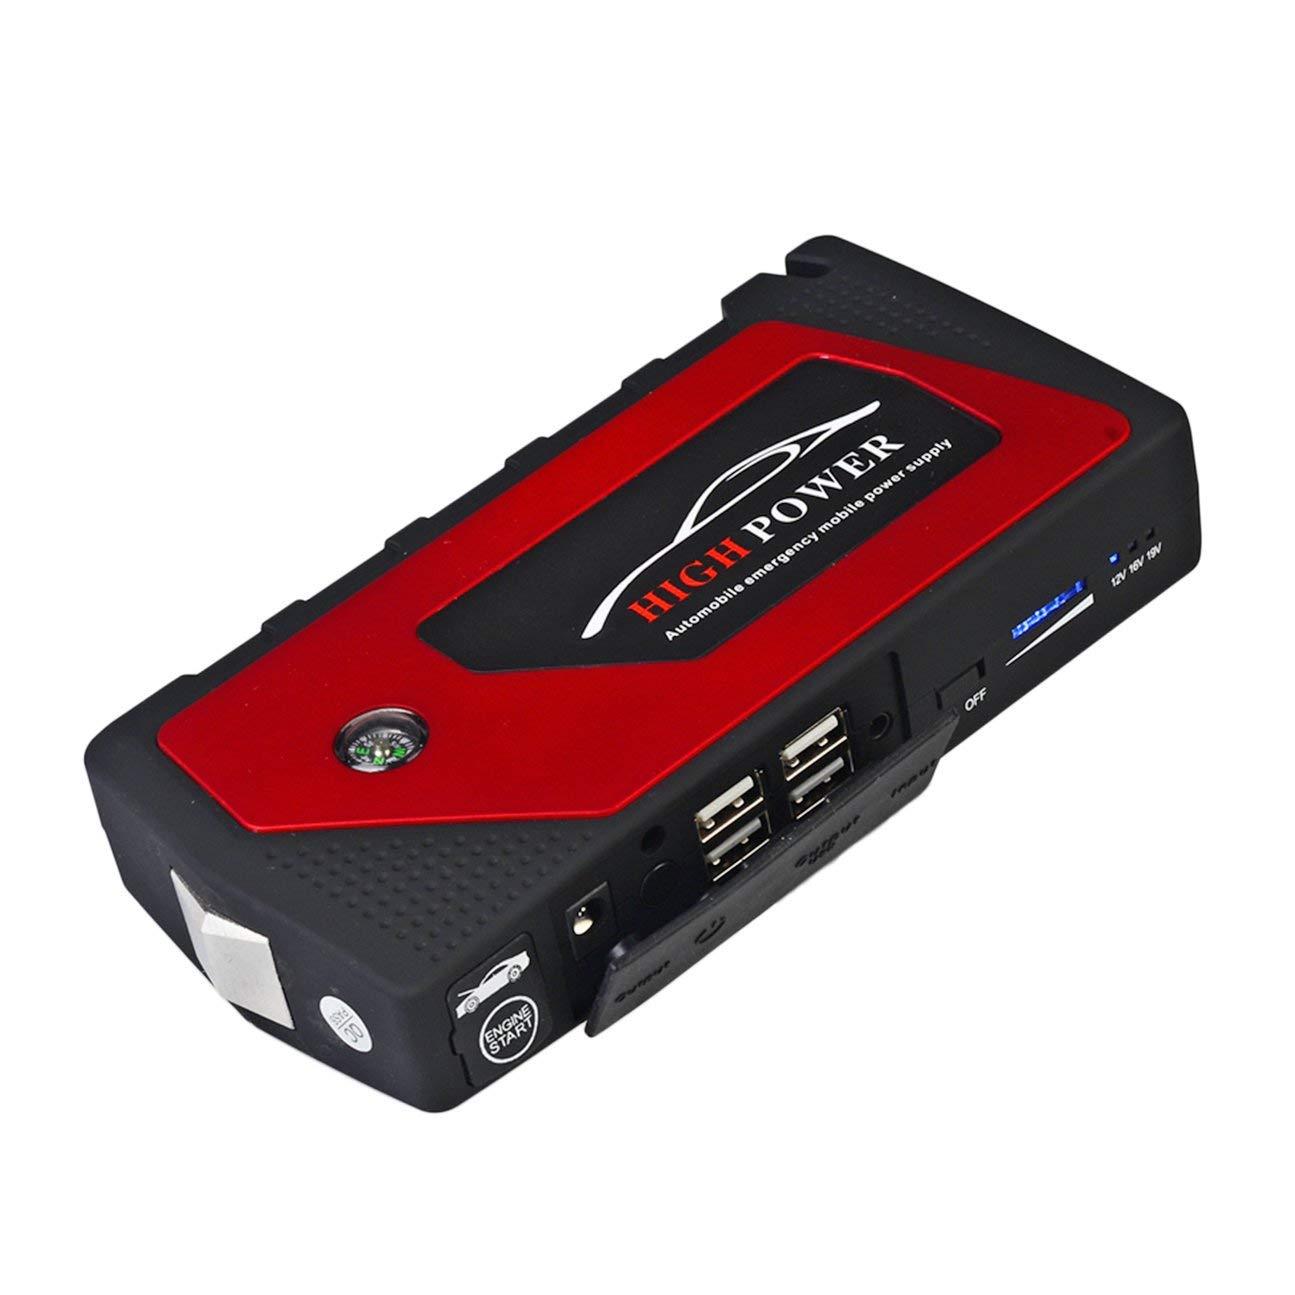 MachinYesell 12V 13600 mAh Multi-Fonction Chargeur De Voiture Batterie Saut Démarreur 4USB LED Lumière Auto Urgence Mobile Power Bank Tool Kit Rouge